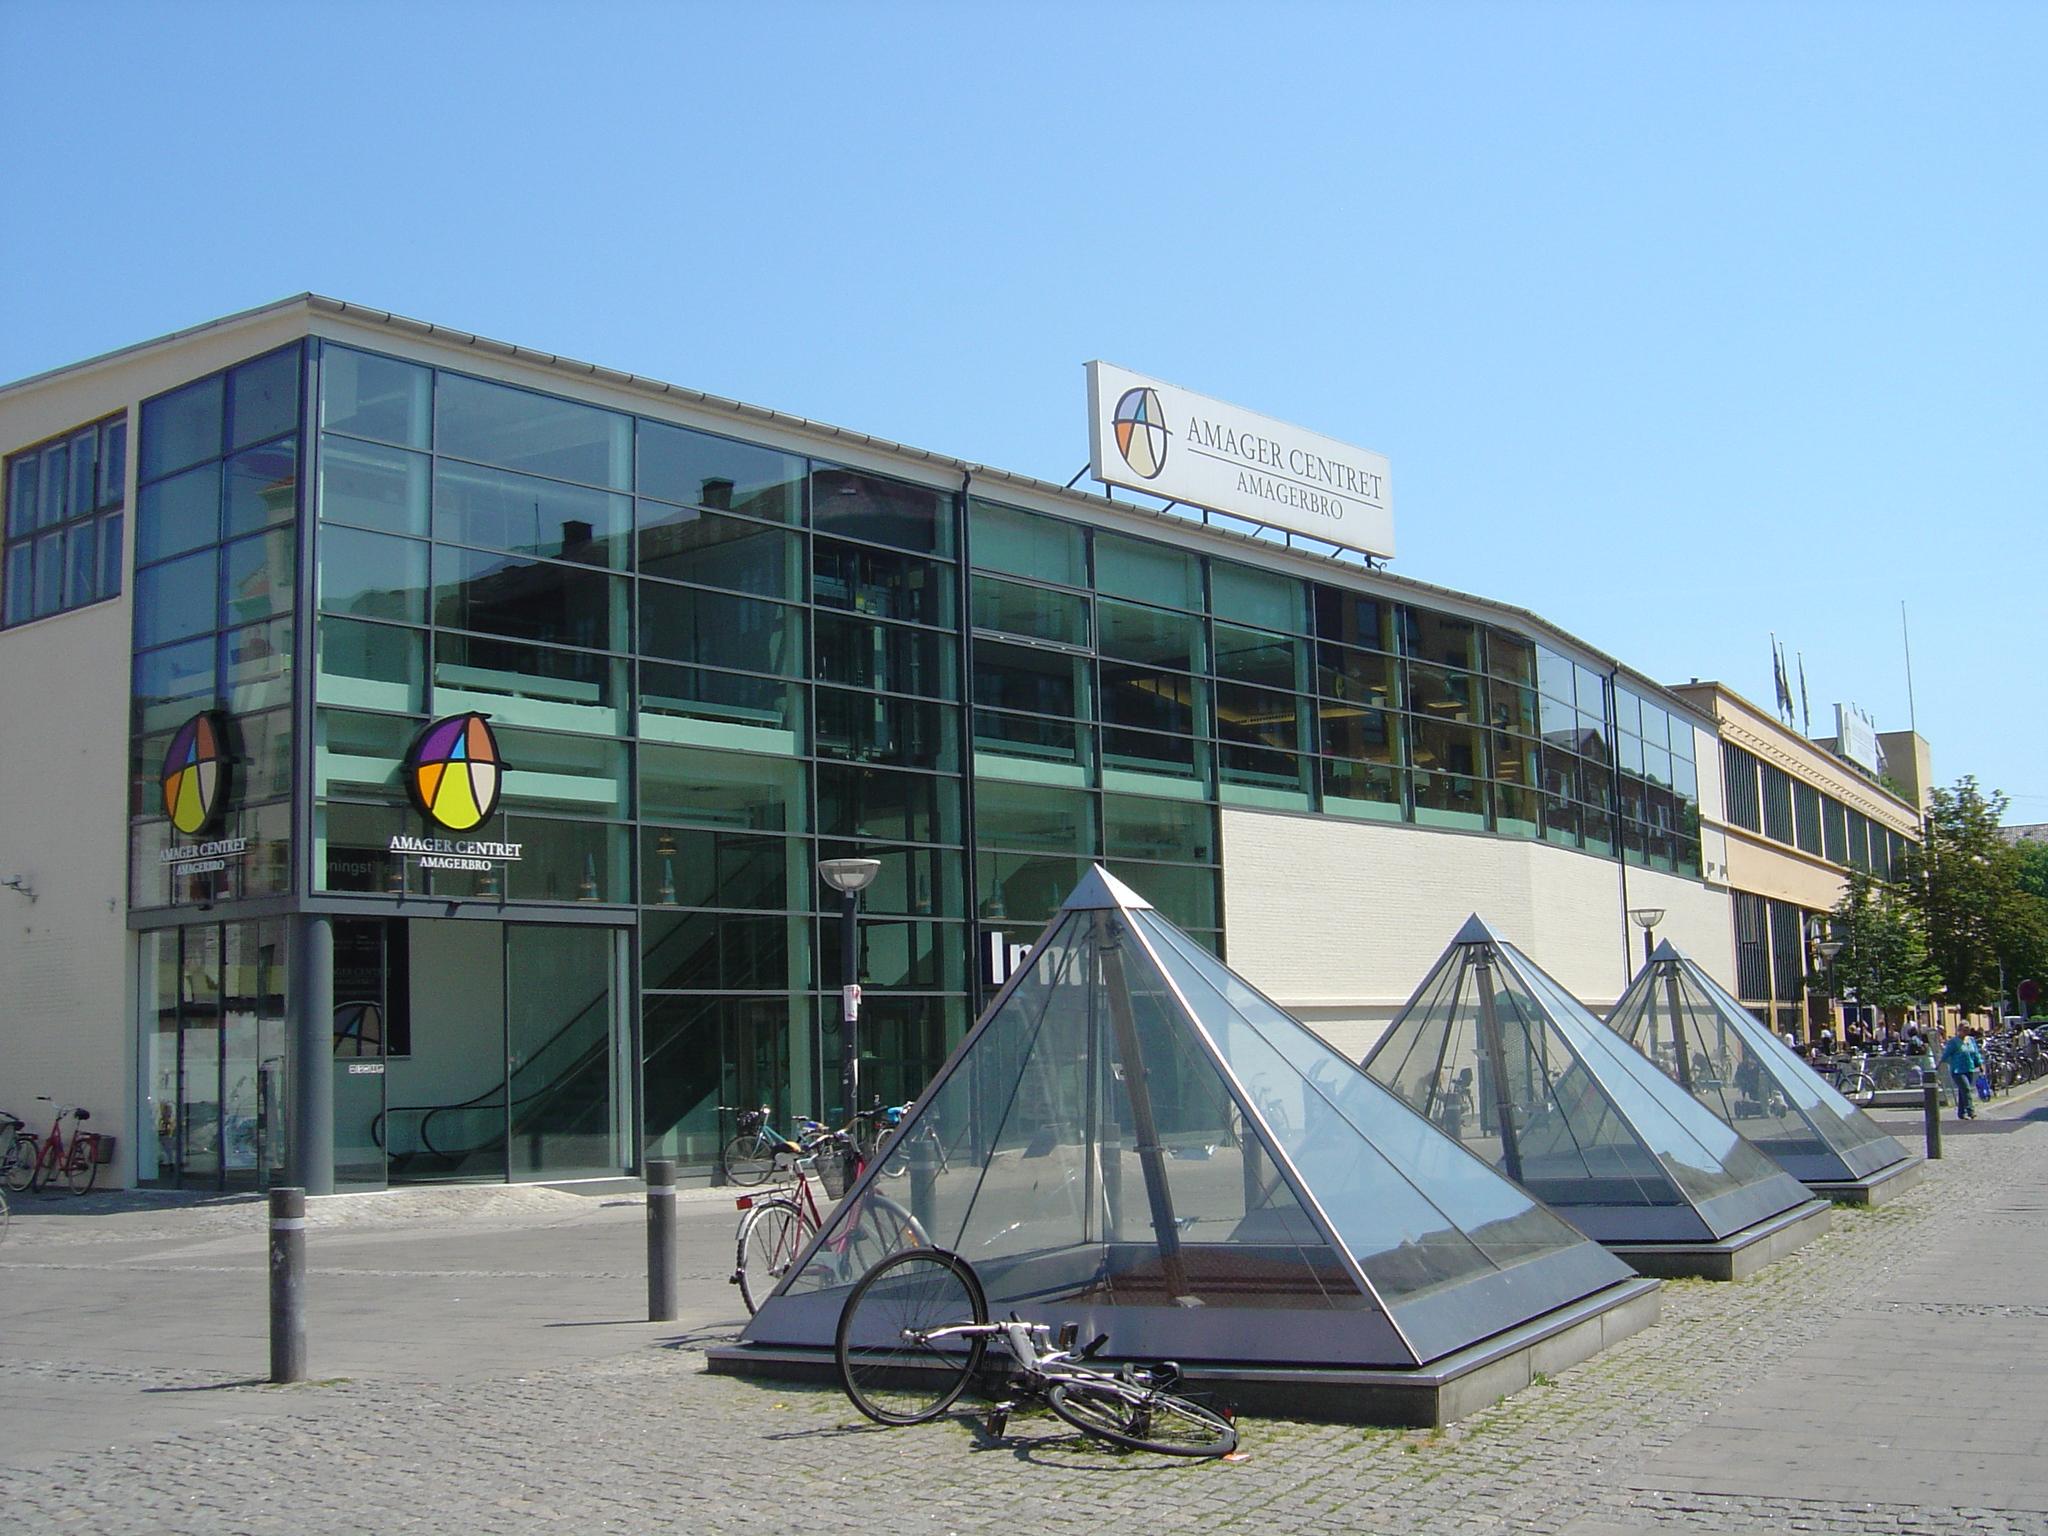 20 30 Nye Butikker Til Amager Centret Inden Tre år Retailnews